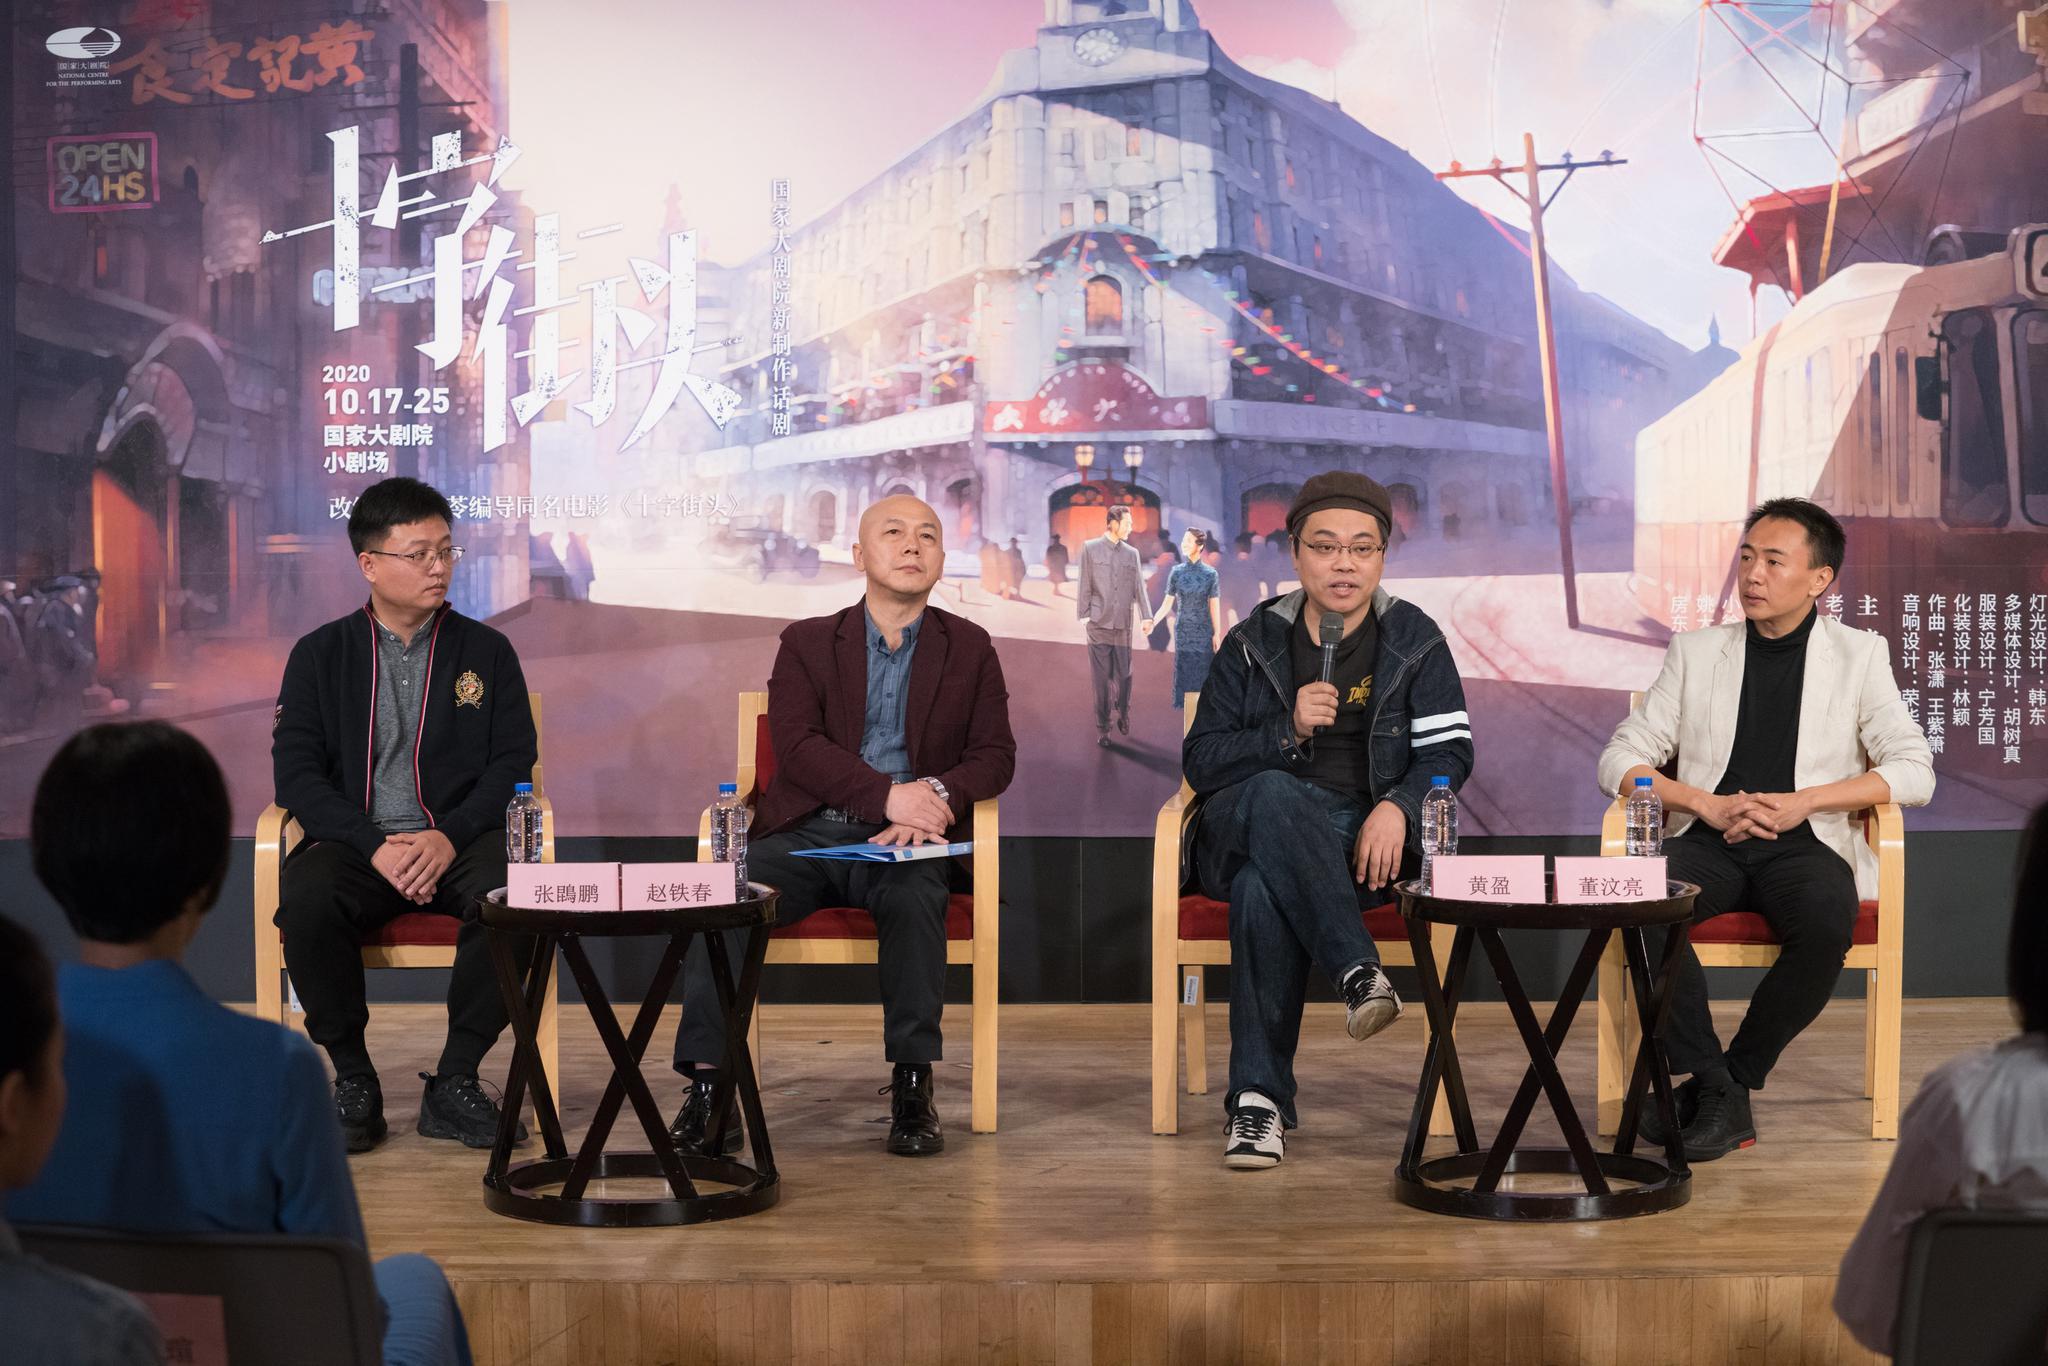 黄盈首次合作国家大剧院,新戏《十字街头》改编自同名电影图片